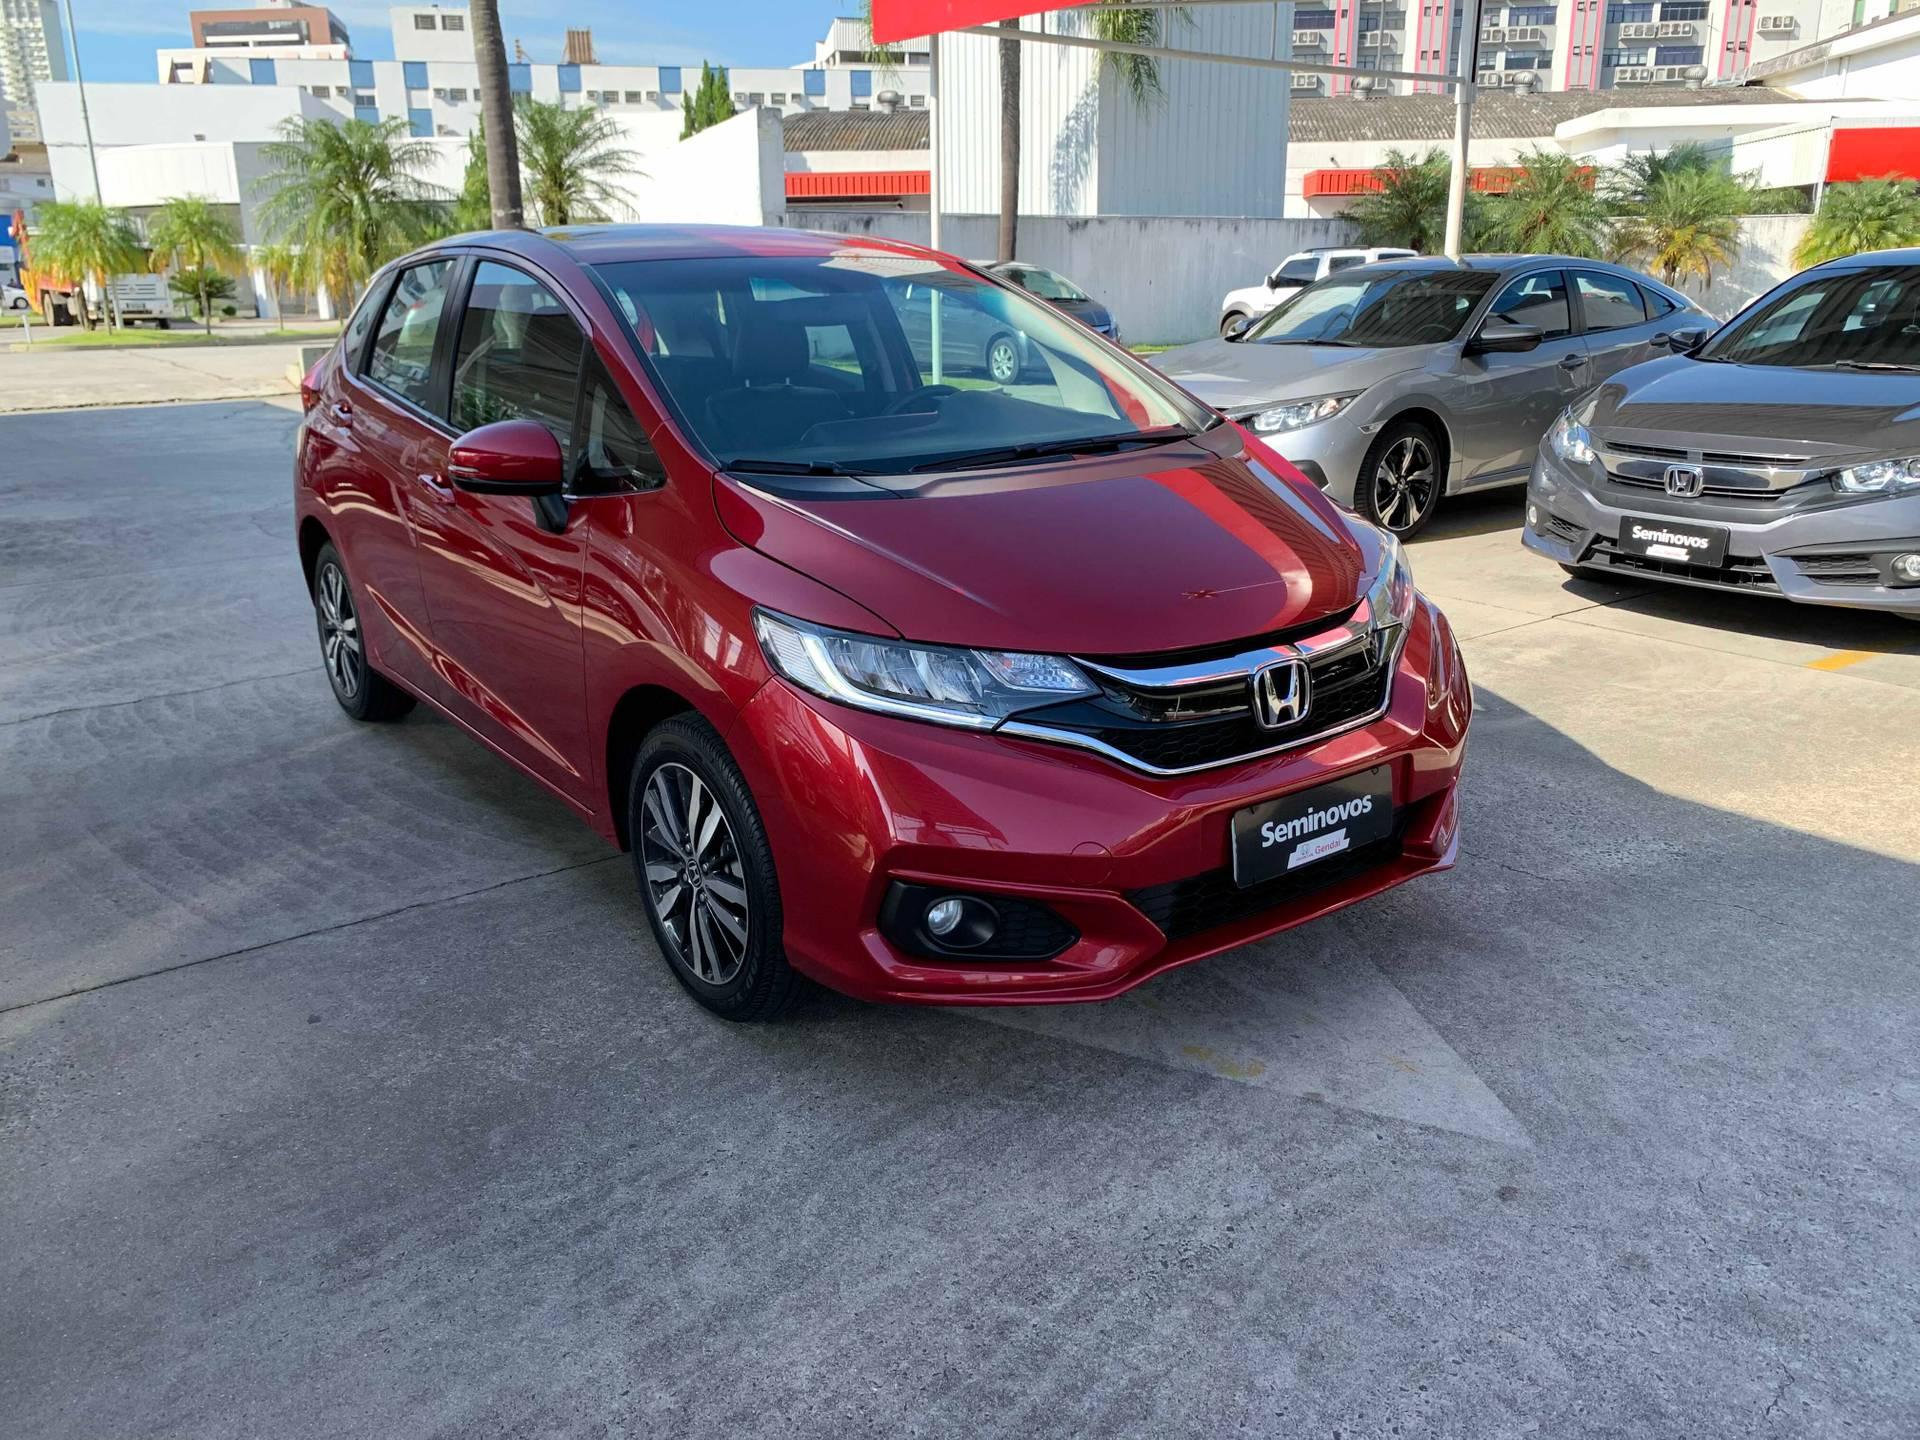 FIT EXL FLEX CVT -19/20 - FIT EXL FLEX CVT -19/20 - Honda Gendai - Você na direção certa - Criciúma, Tubarão e Araranguá